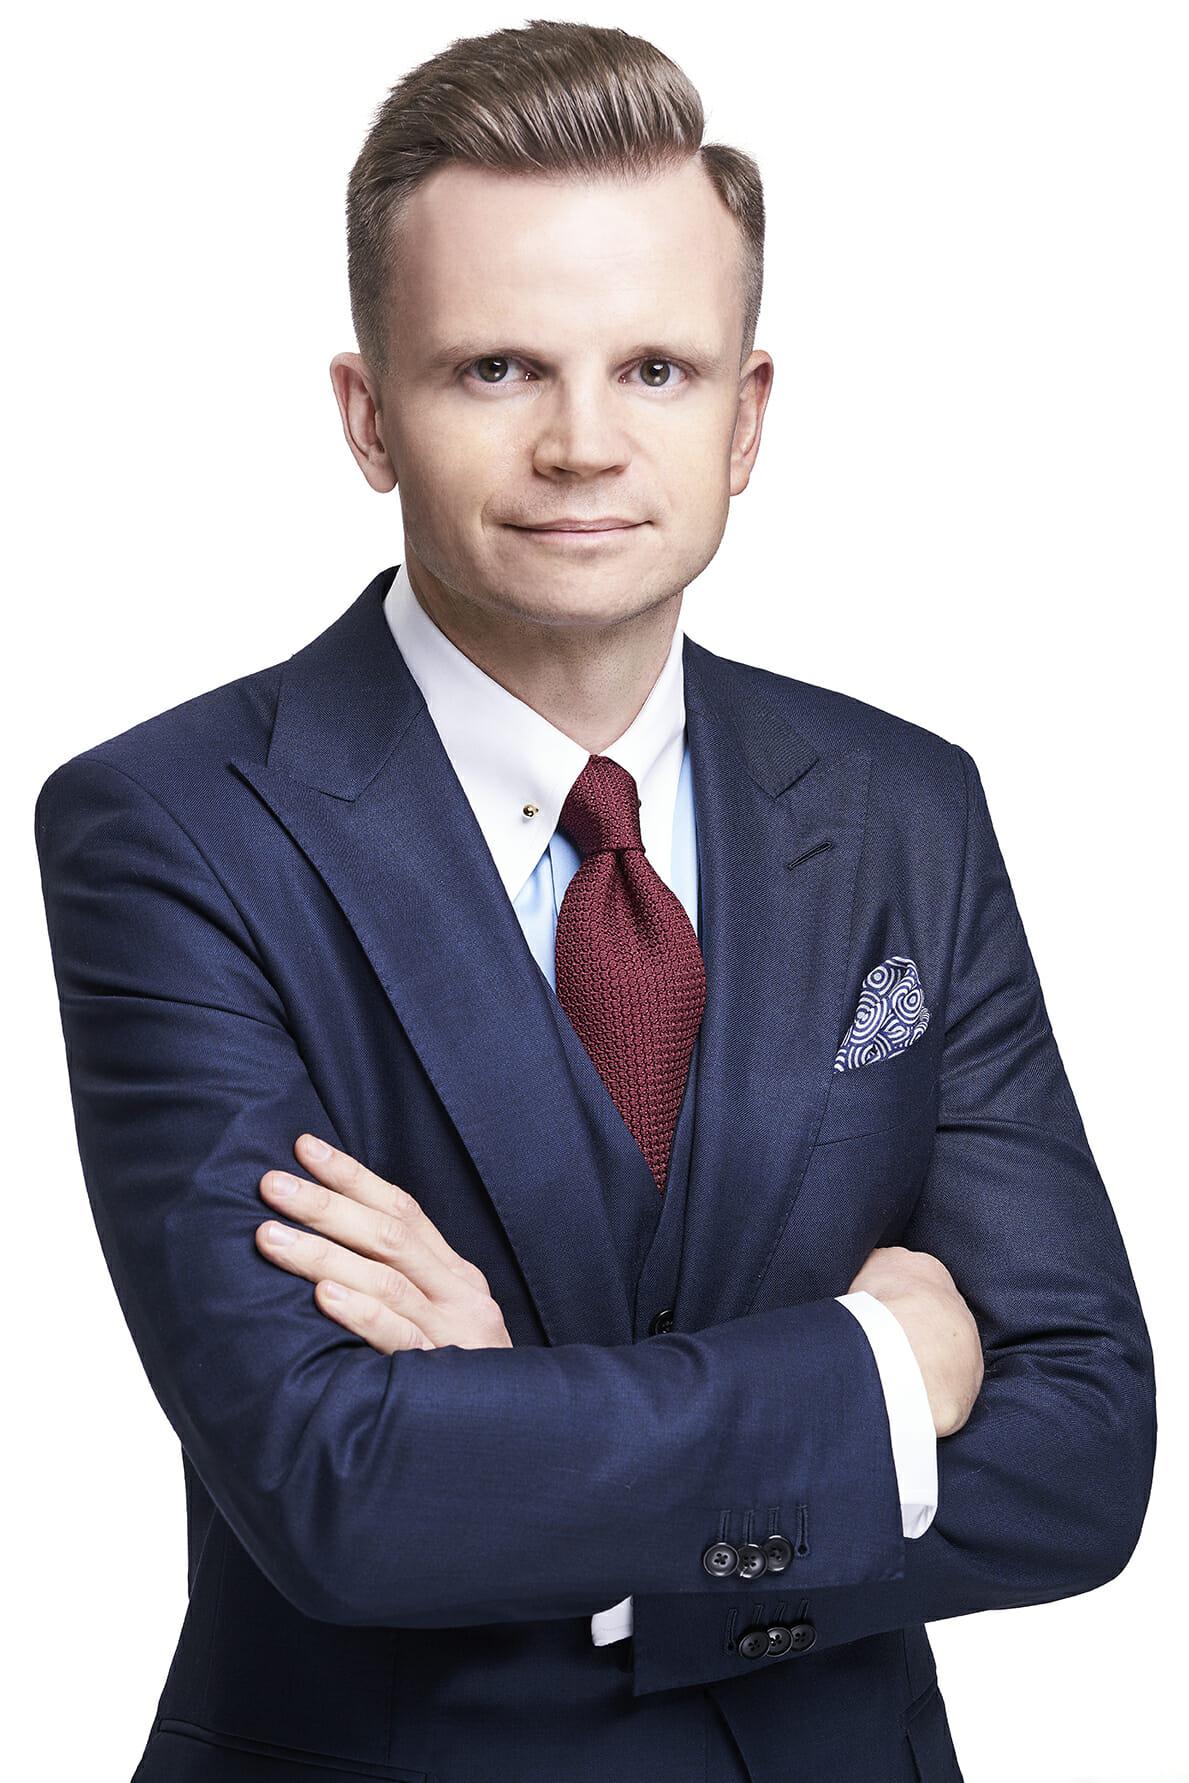 roman-zaczkiewicz-autor-bloga-szarmant-i-wlasciciel-marki-zaczkiewicz